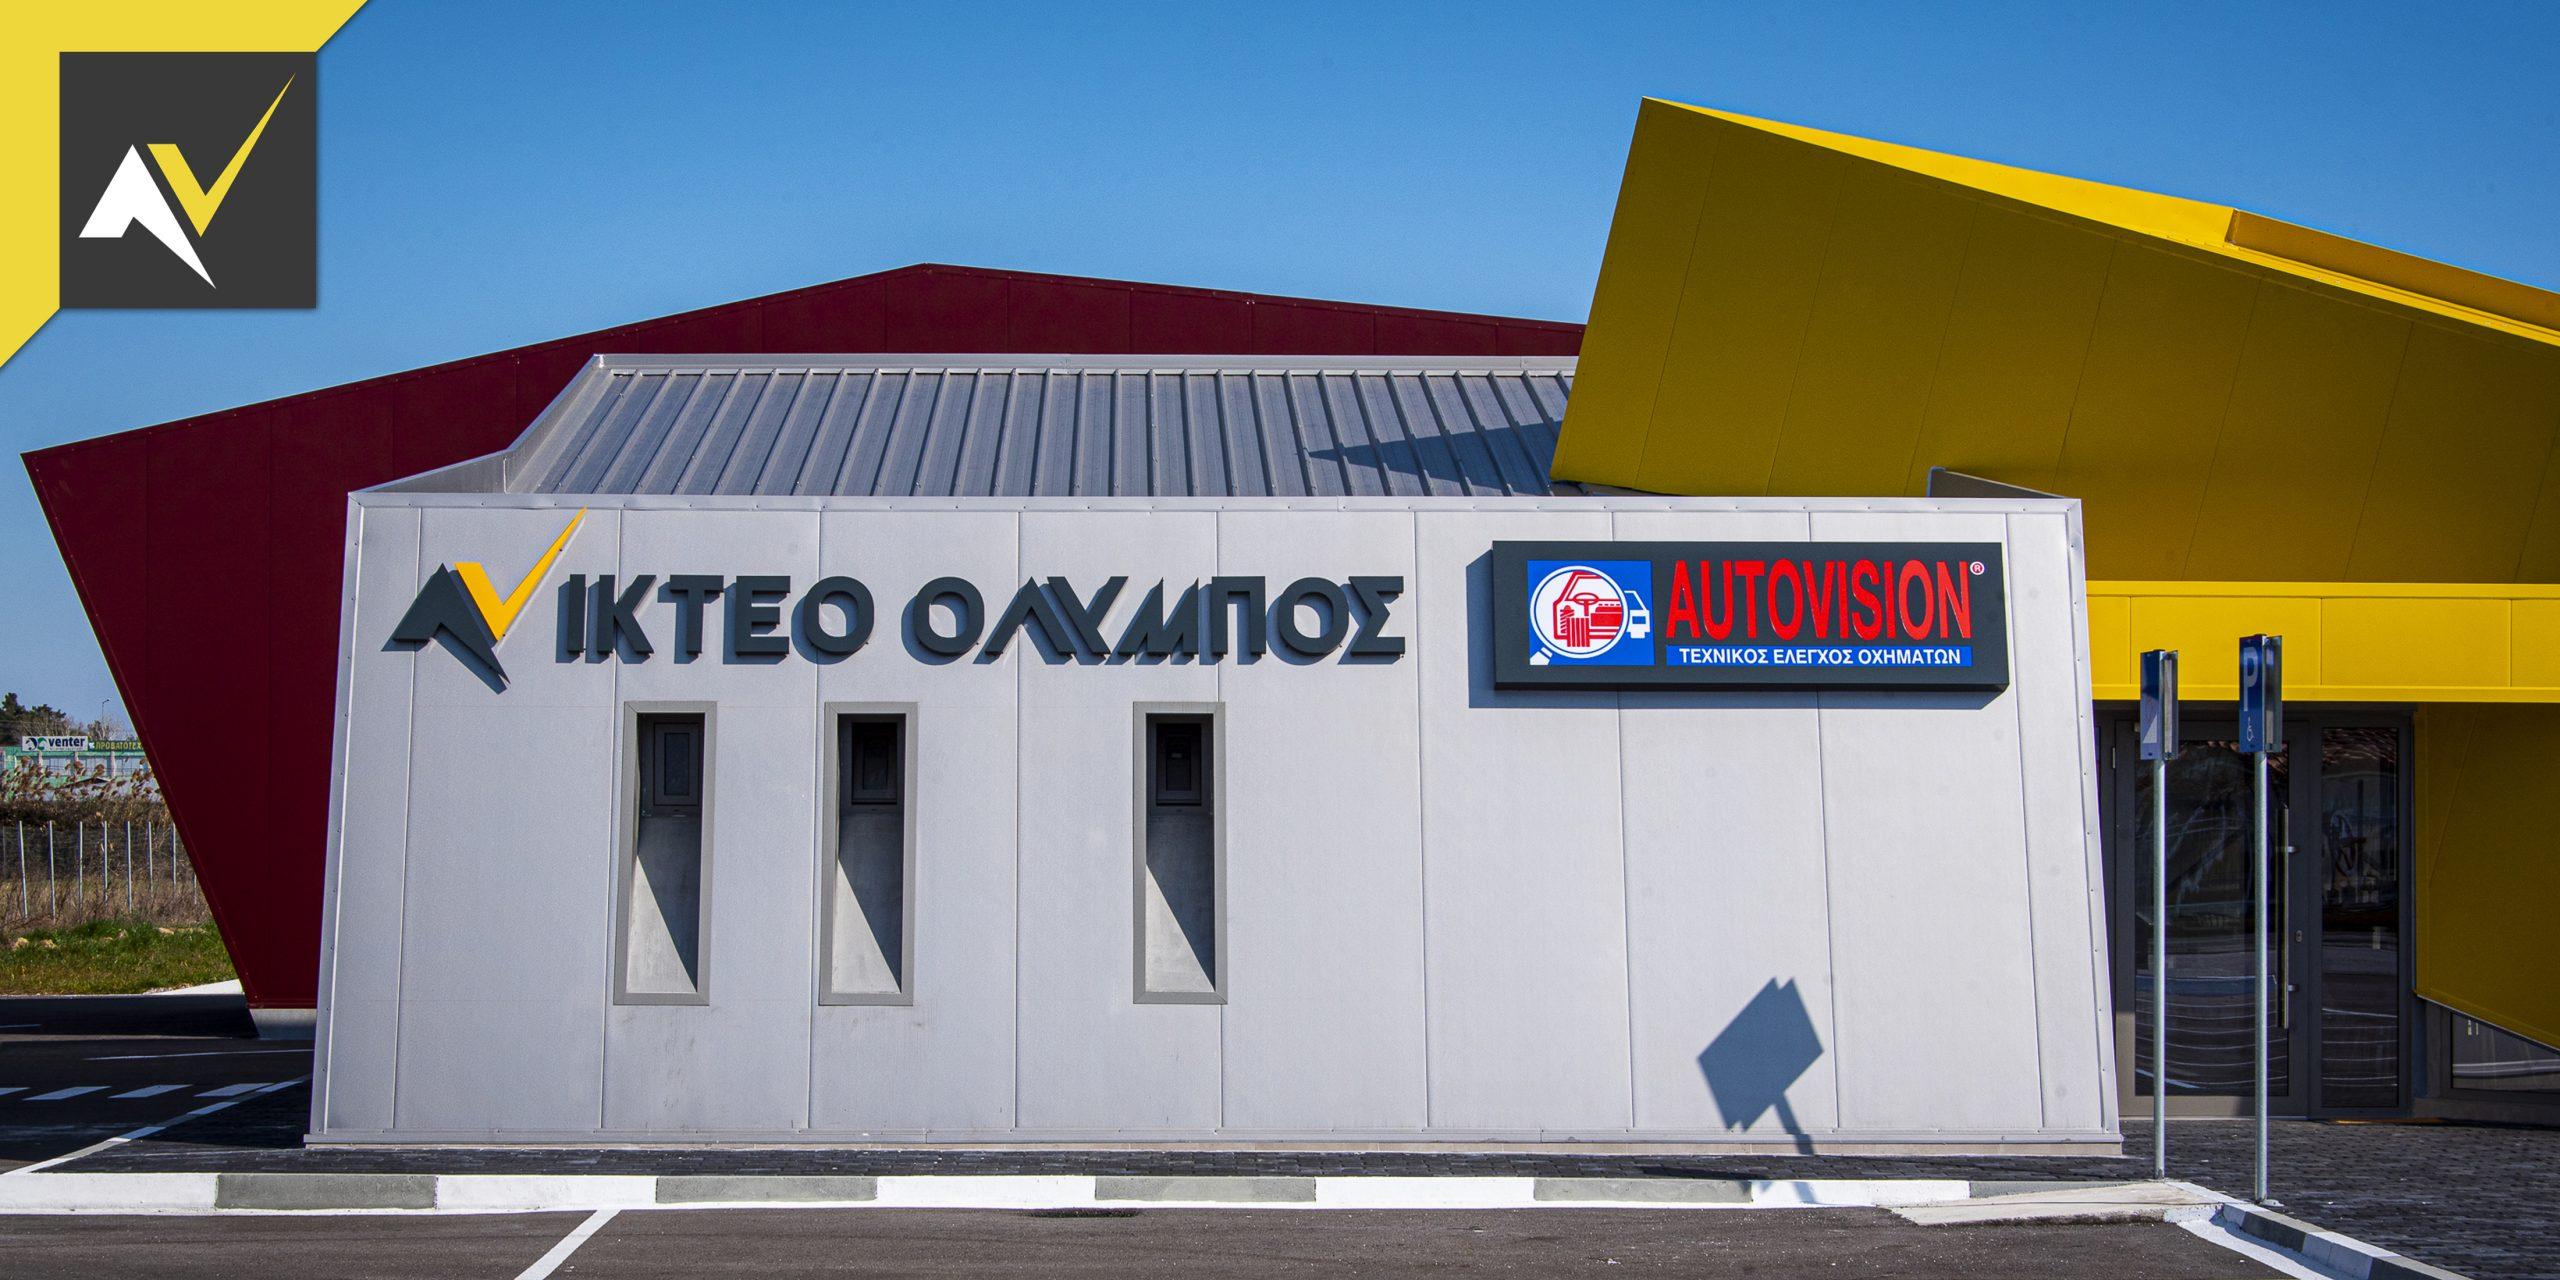 ΚΤΕΟ Όλυμπος Κατερίνη - μέσα στην πόλη της Κατερίνης - KTEO Olympos Katerinh